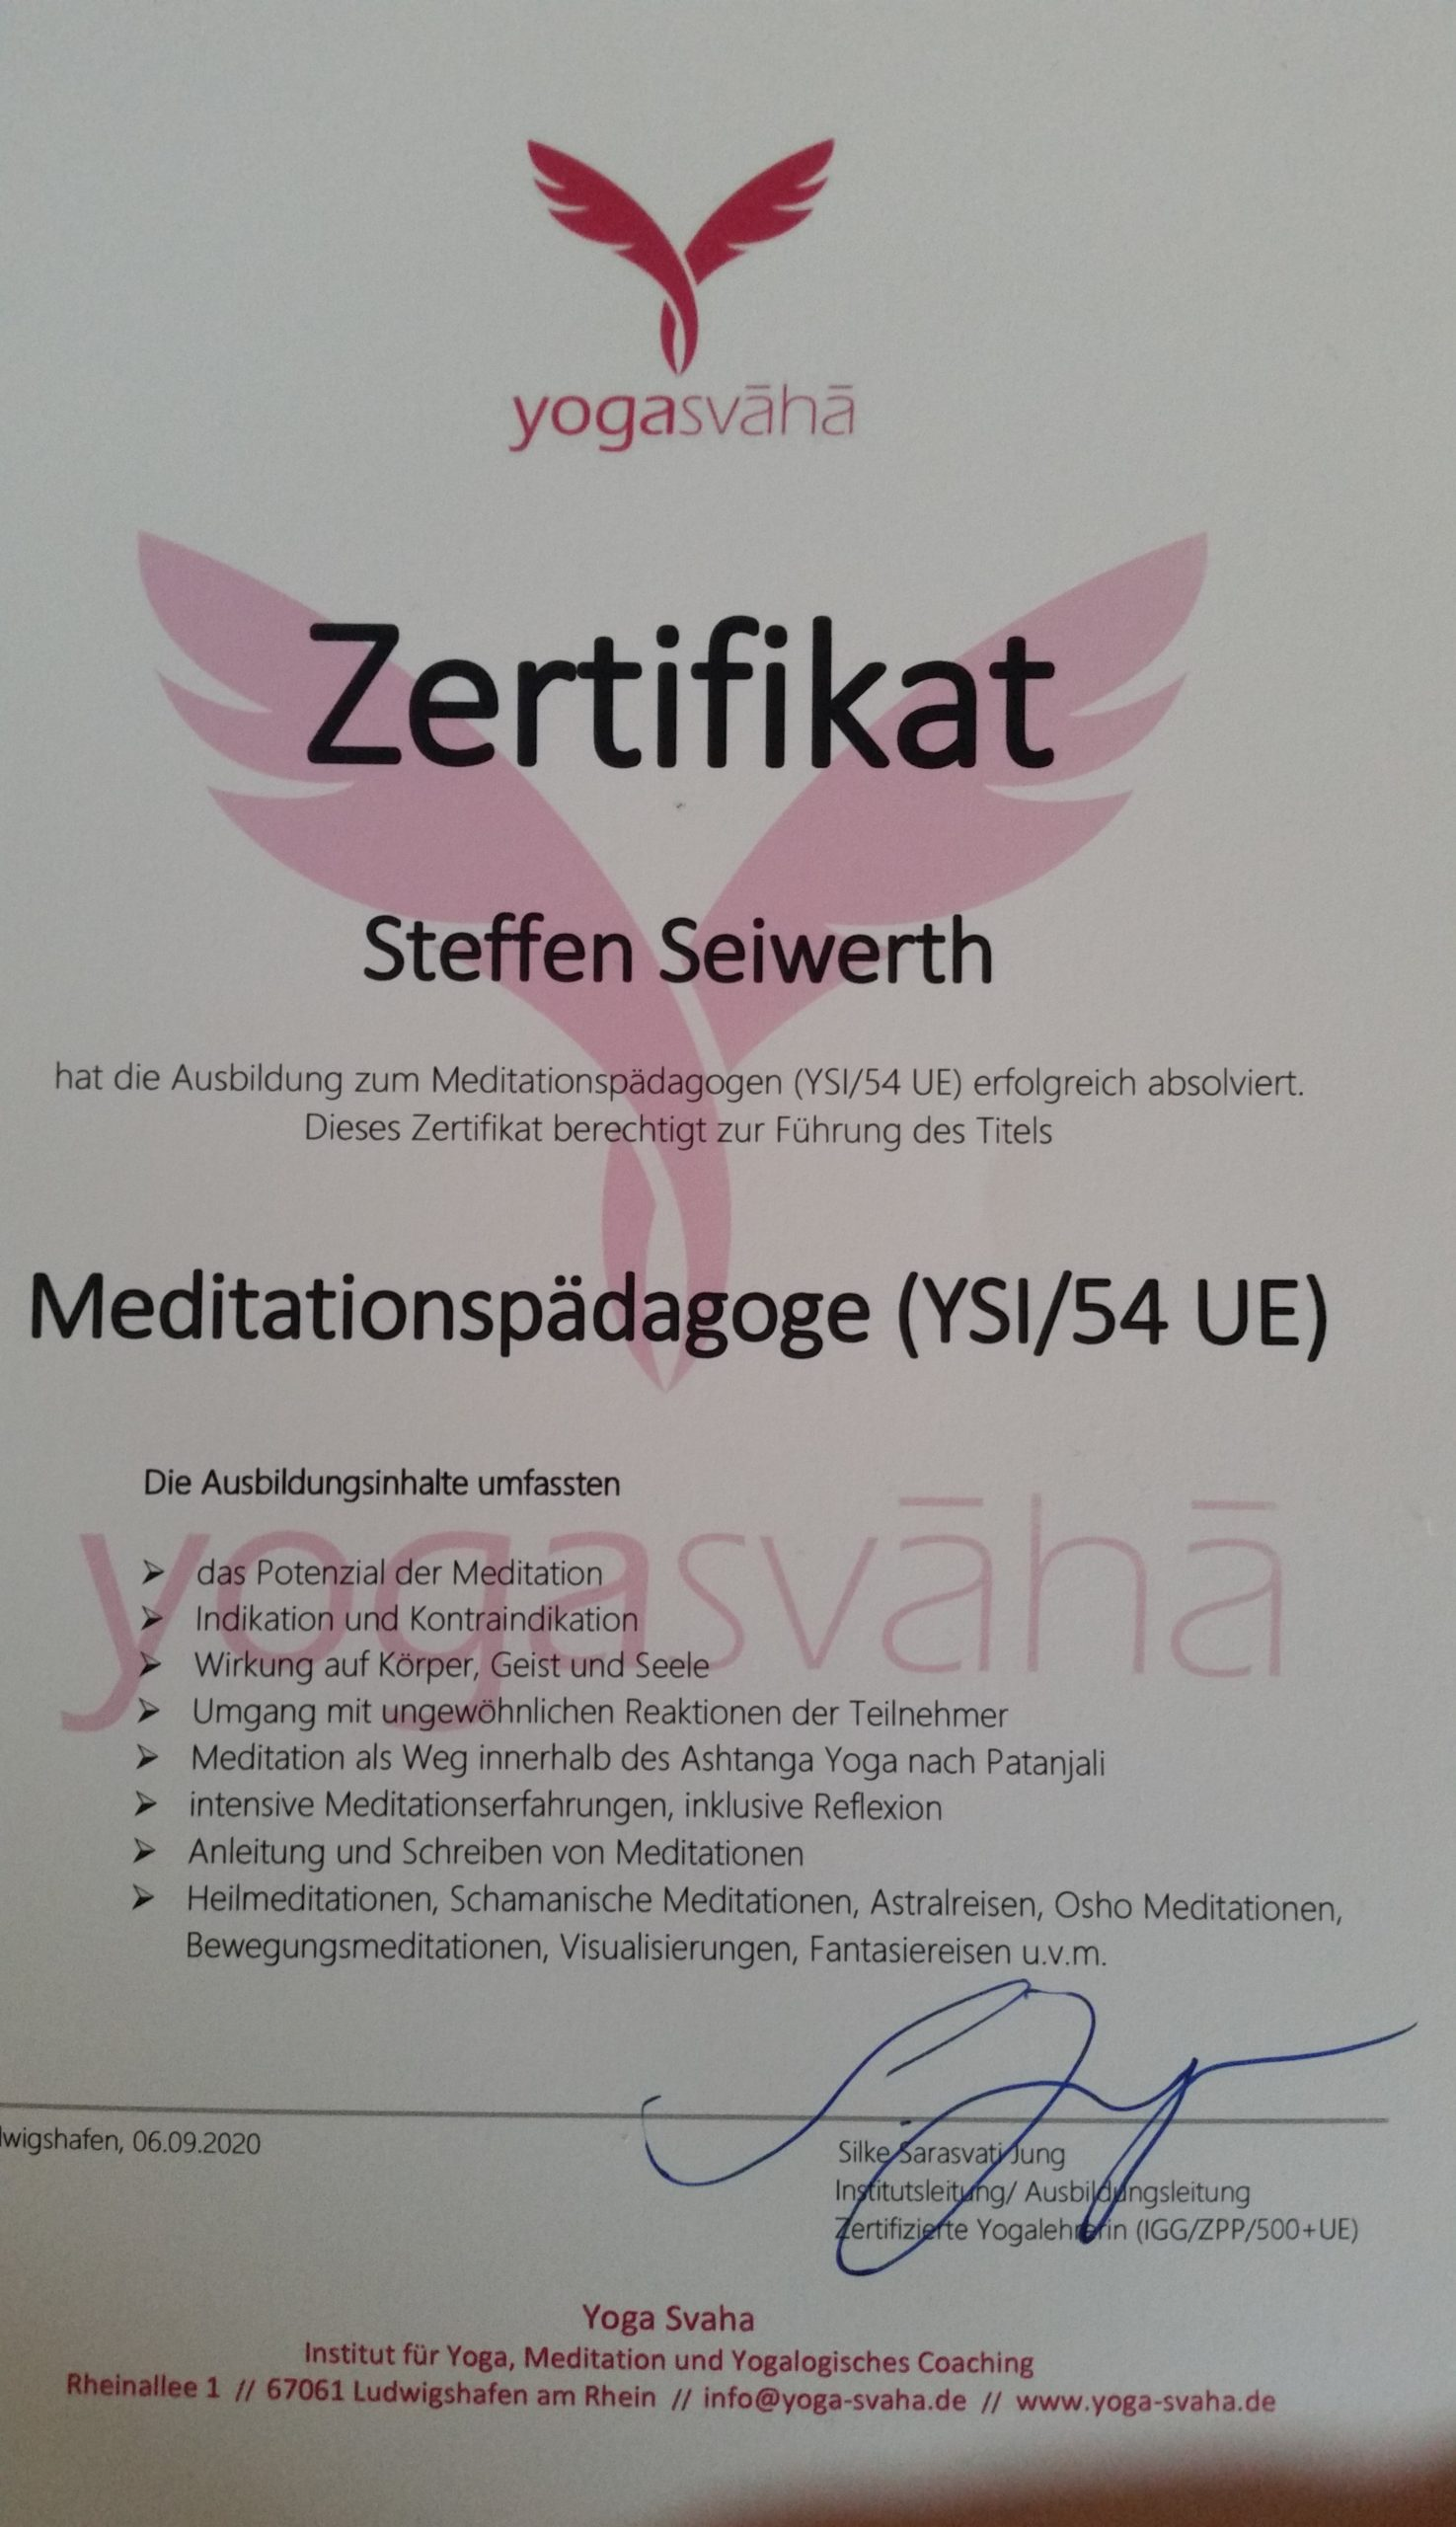 Ausbildung zum Meditationspädagogen im Yogasvaha Ludwigshafen